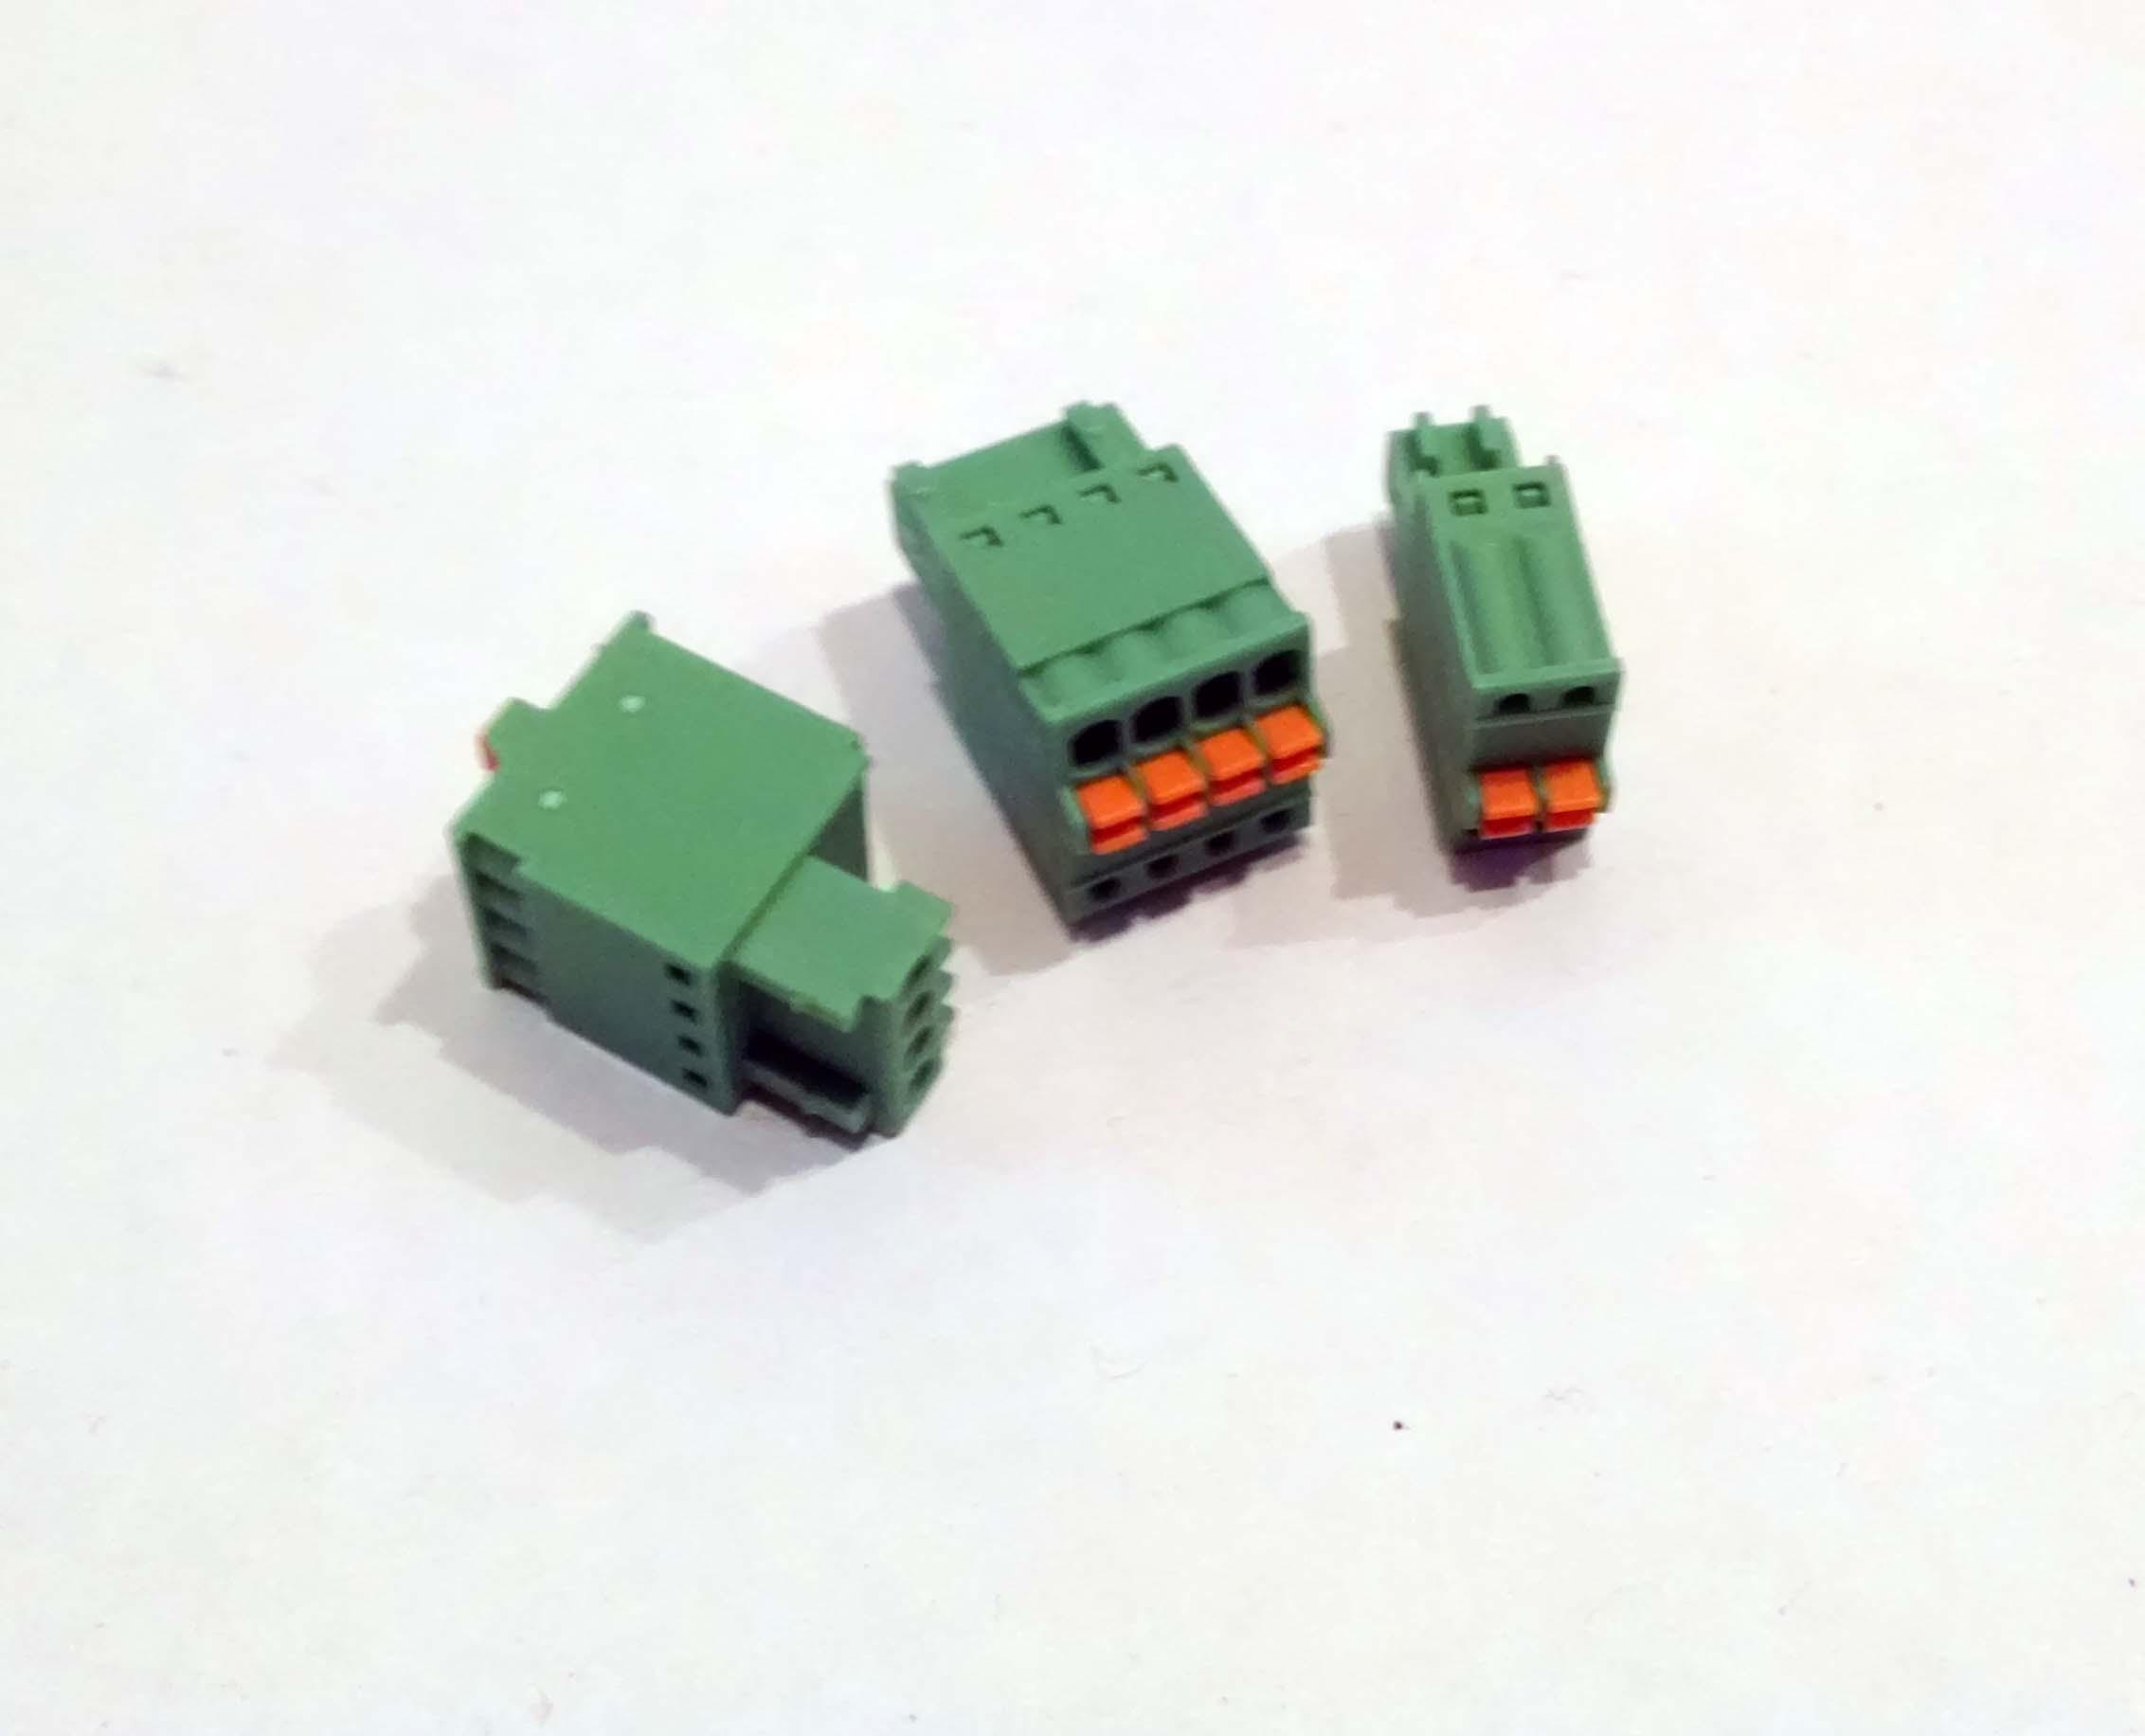 DMXpix and LumenDimPix Connector Set